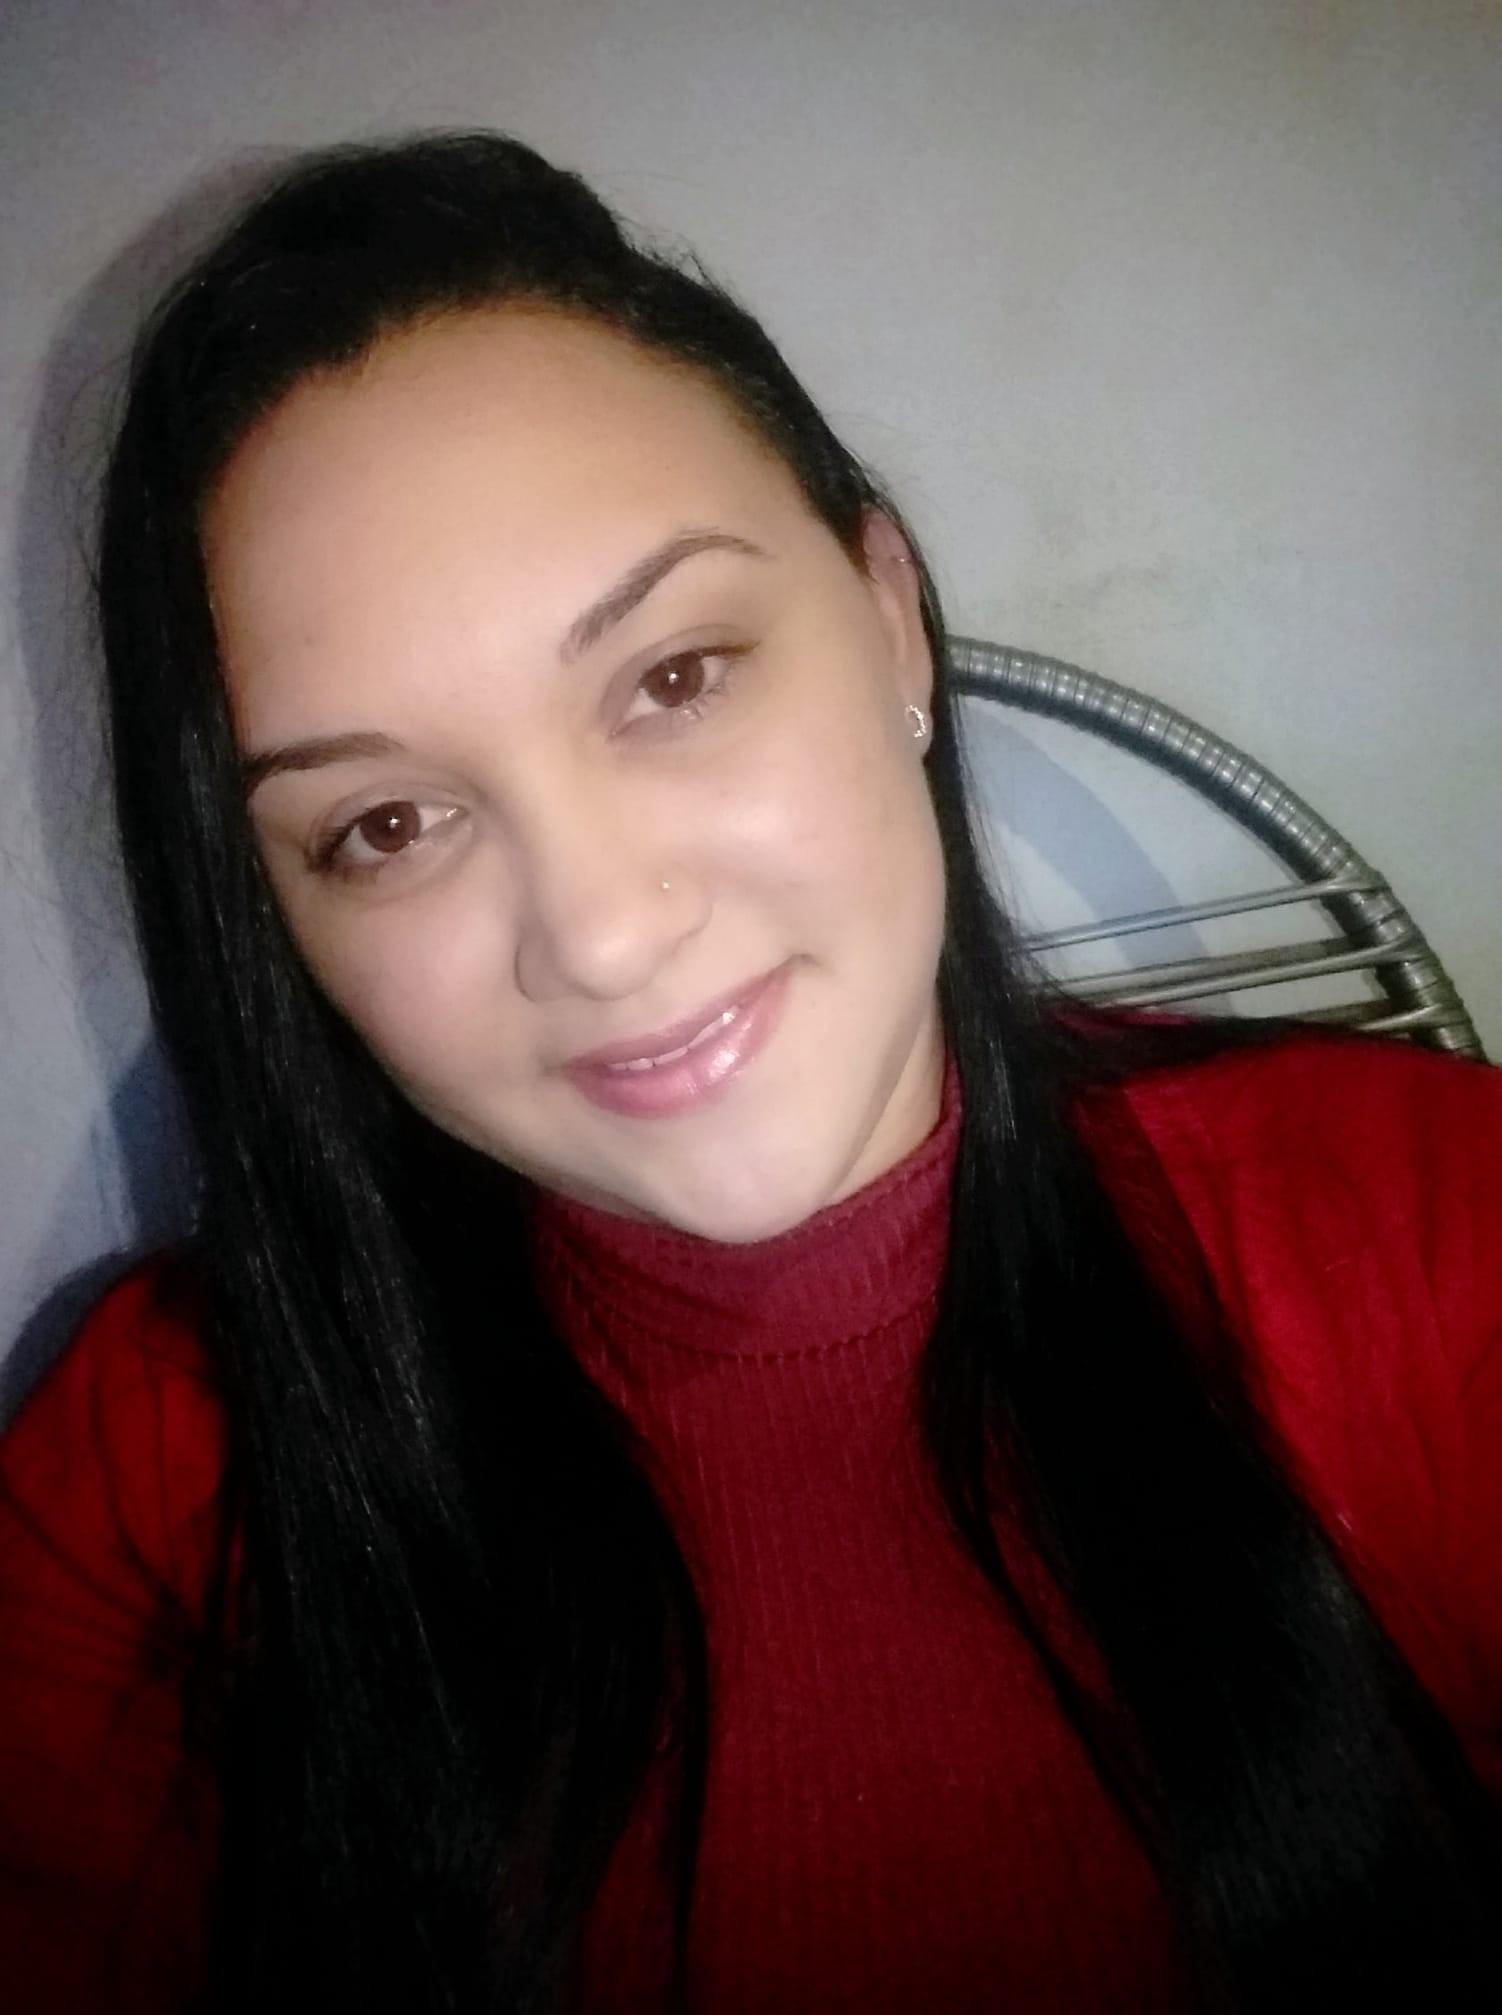 Mulher morta a tiros pelo ex-marido em Cuiabá compartilhava publicações sobre violência doméstica e abuso emocional